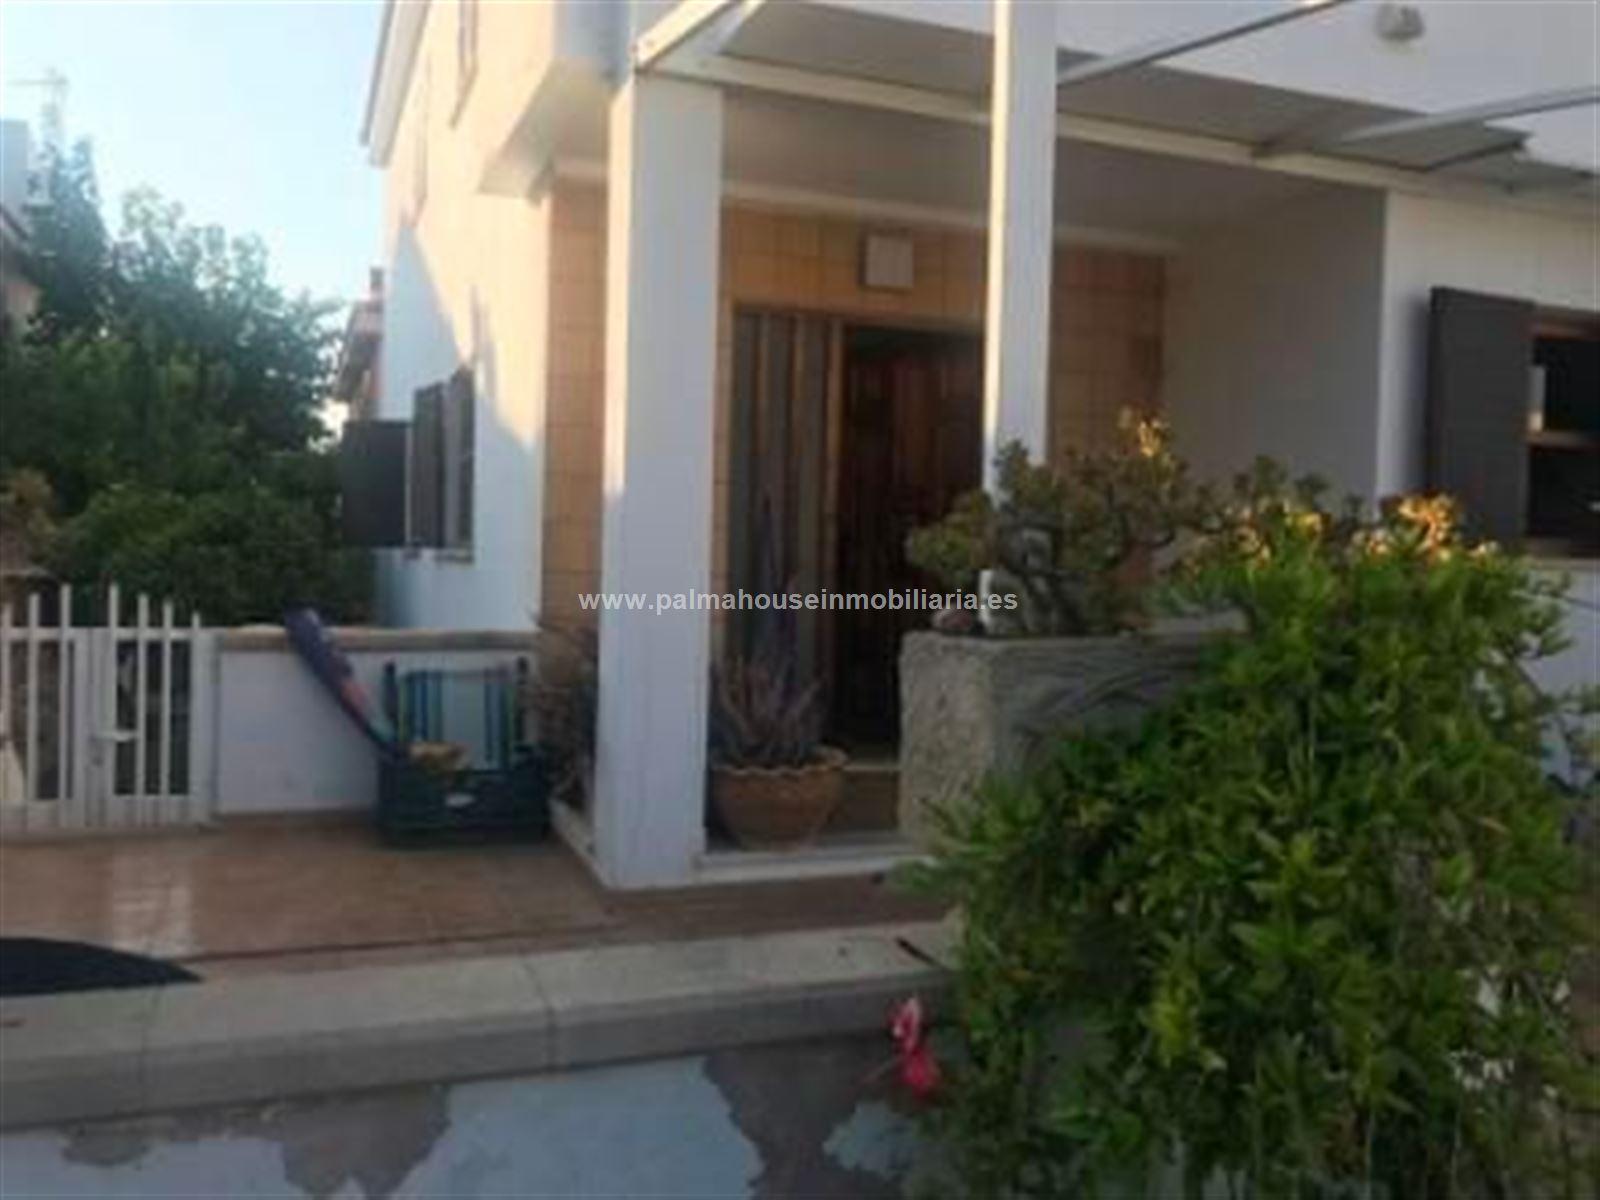 Casa  Santa margalida - can picafort. Casa con gran jardin y terraza y garage!!!